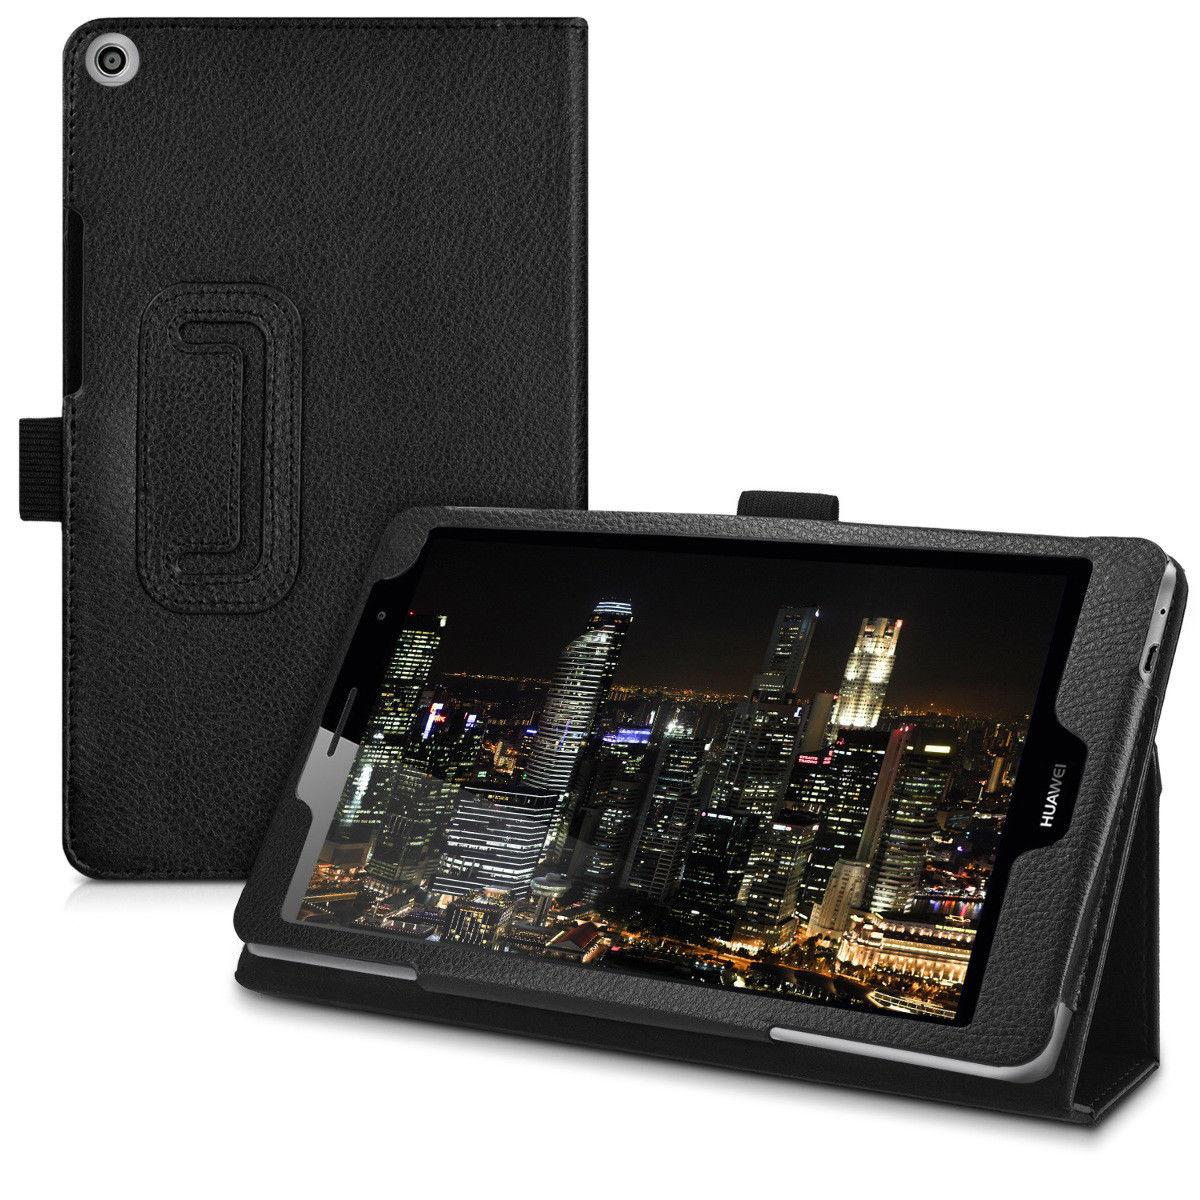 Pouzdro pro Huawei MediaPad T3 8.0 černé